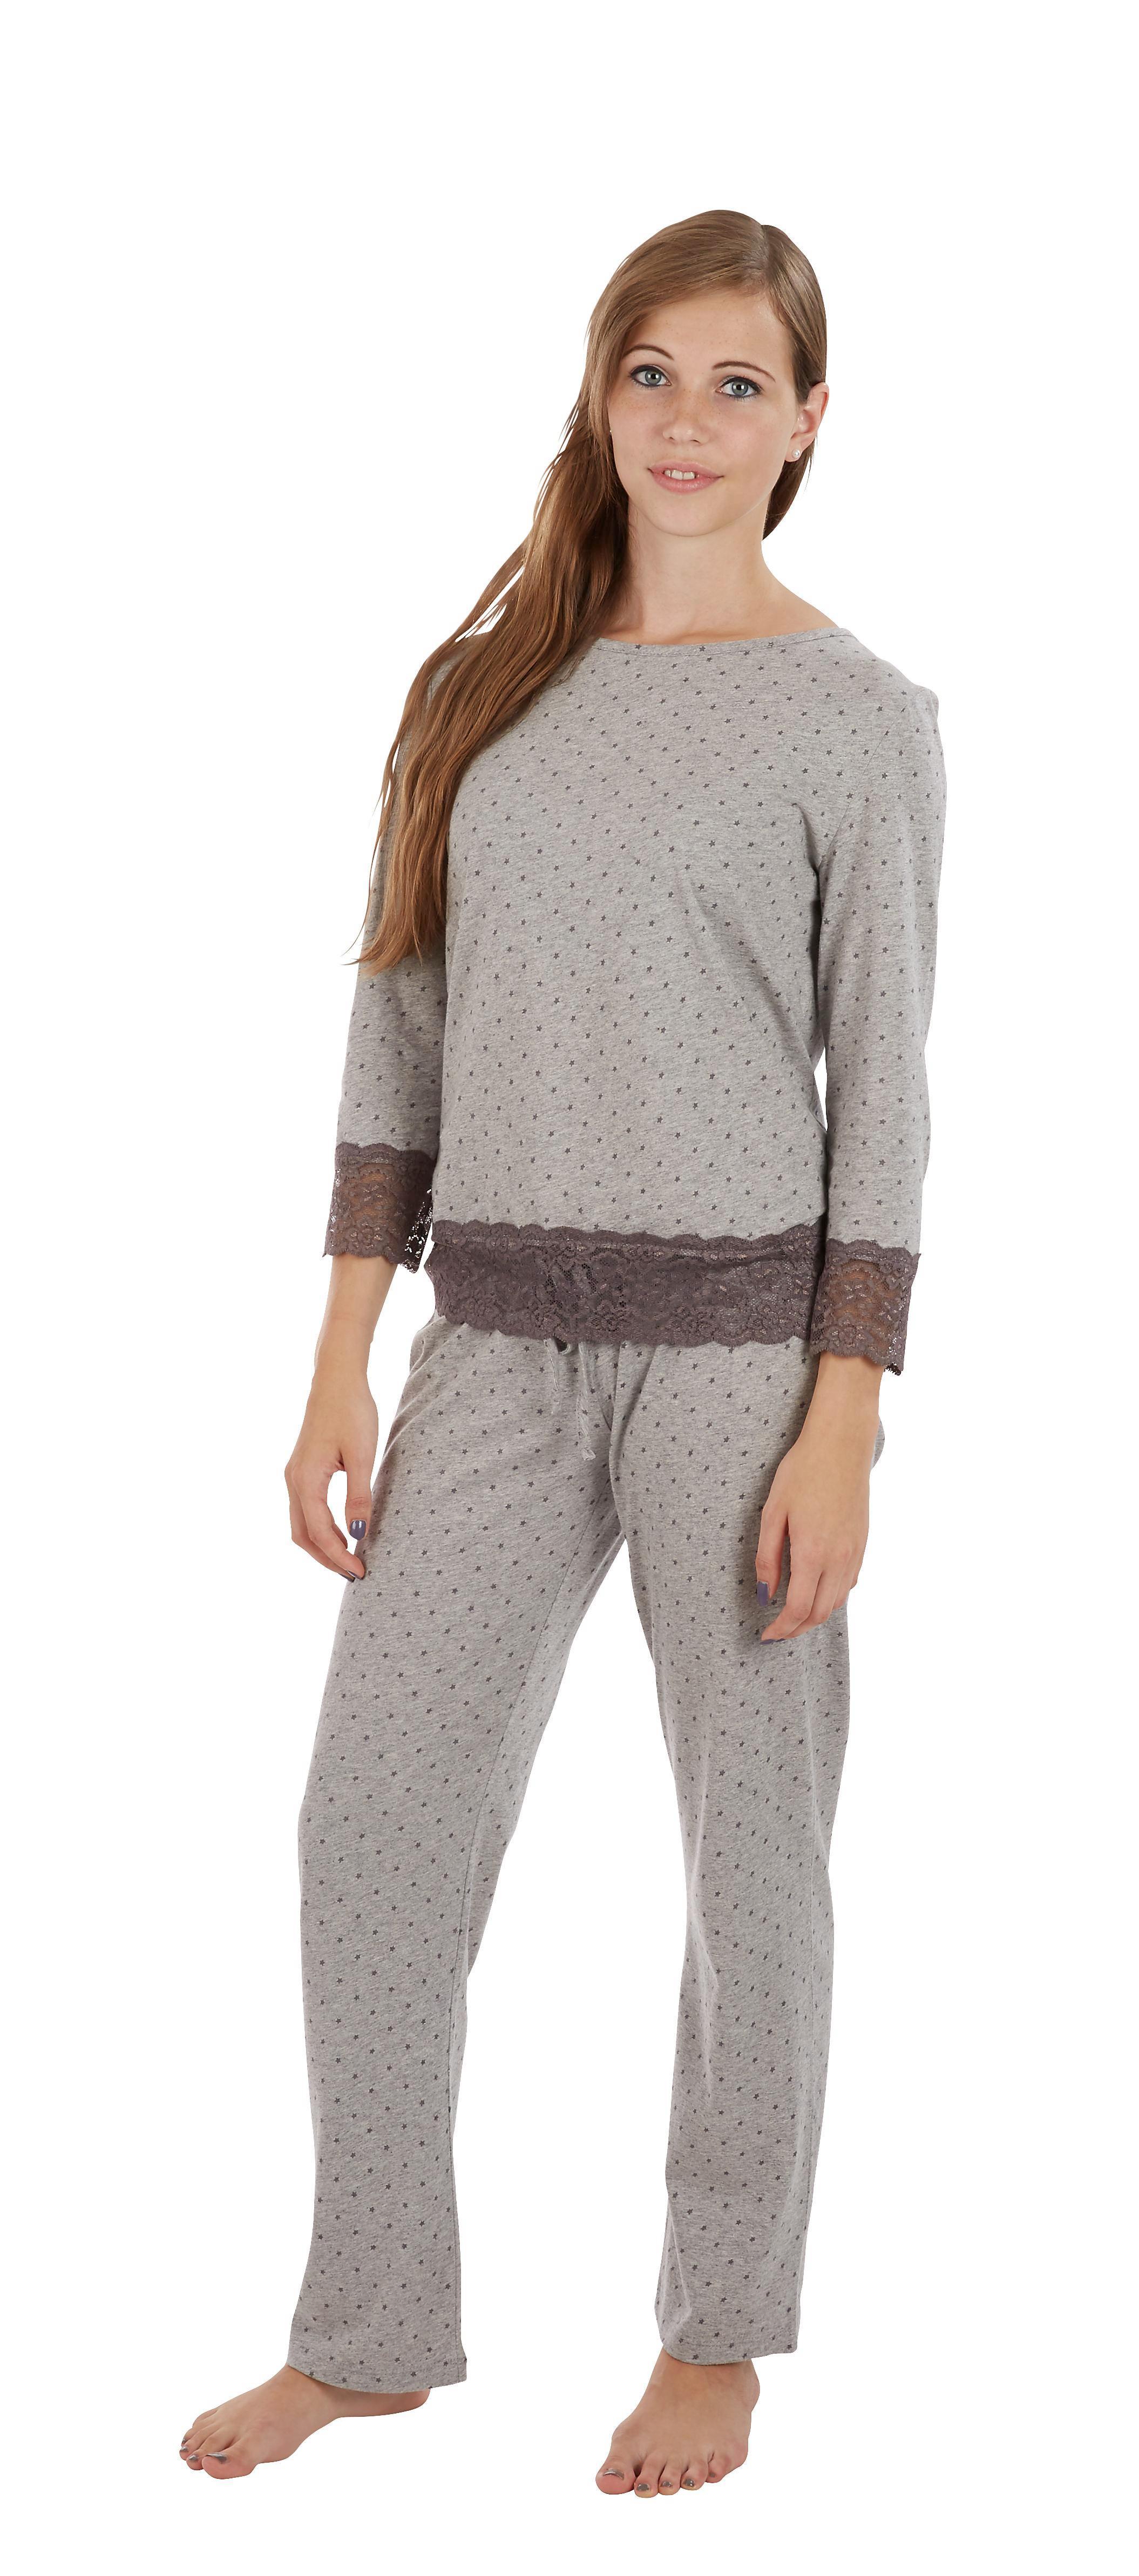 Schlafanzug in Grau,  M/L - Grau, MODERN, Textil - MÖMAX modern living